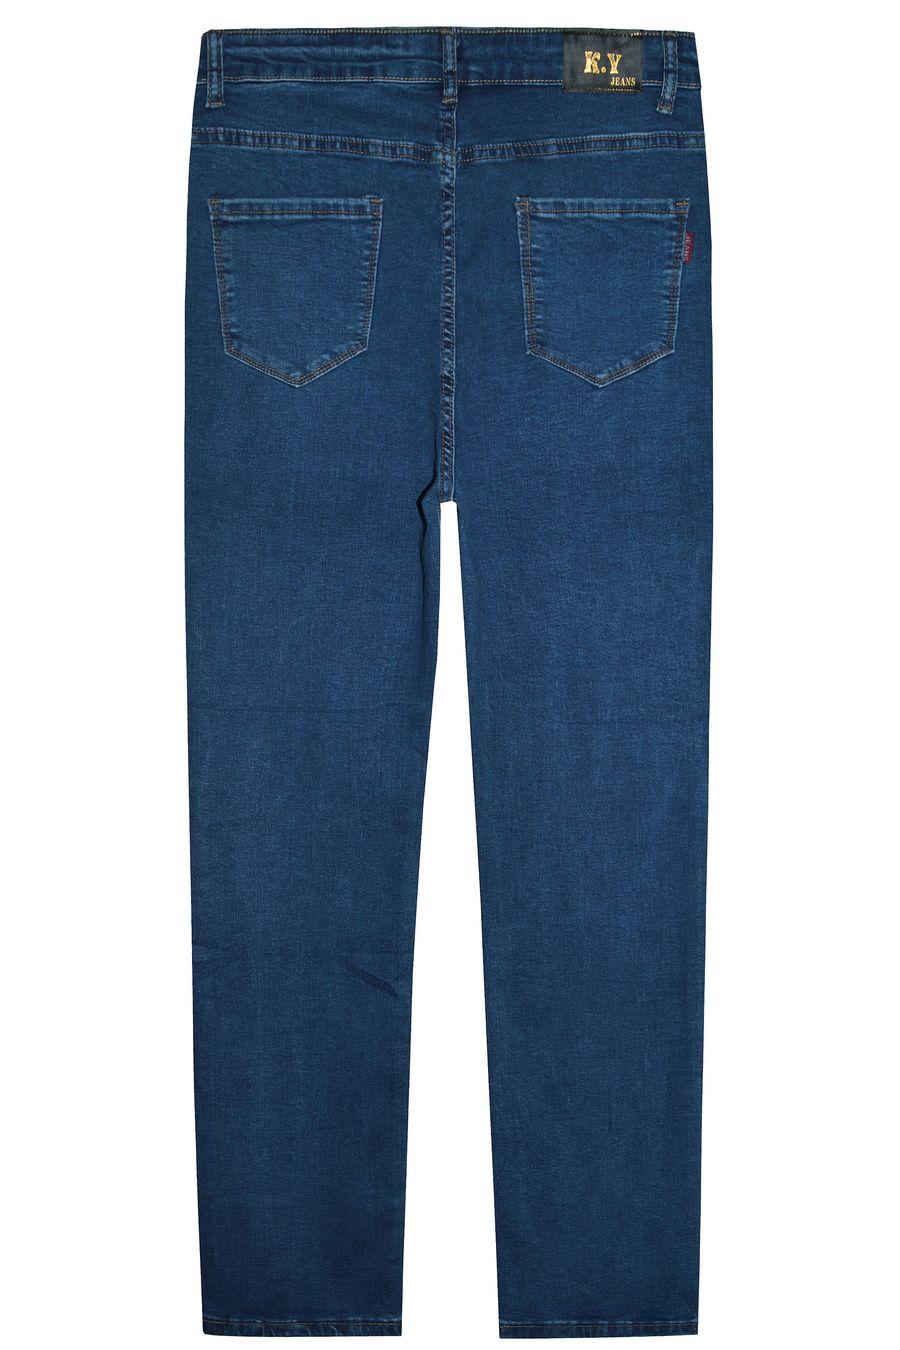 Джинсы женские K.Y Jeans J5566 - фото 2